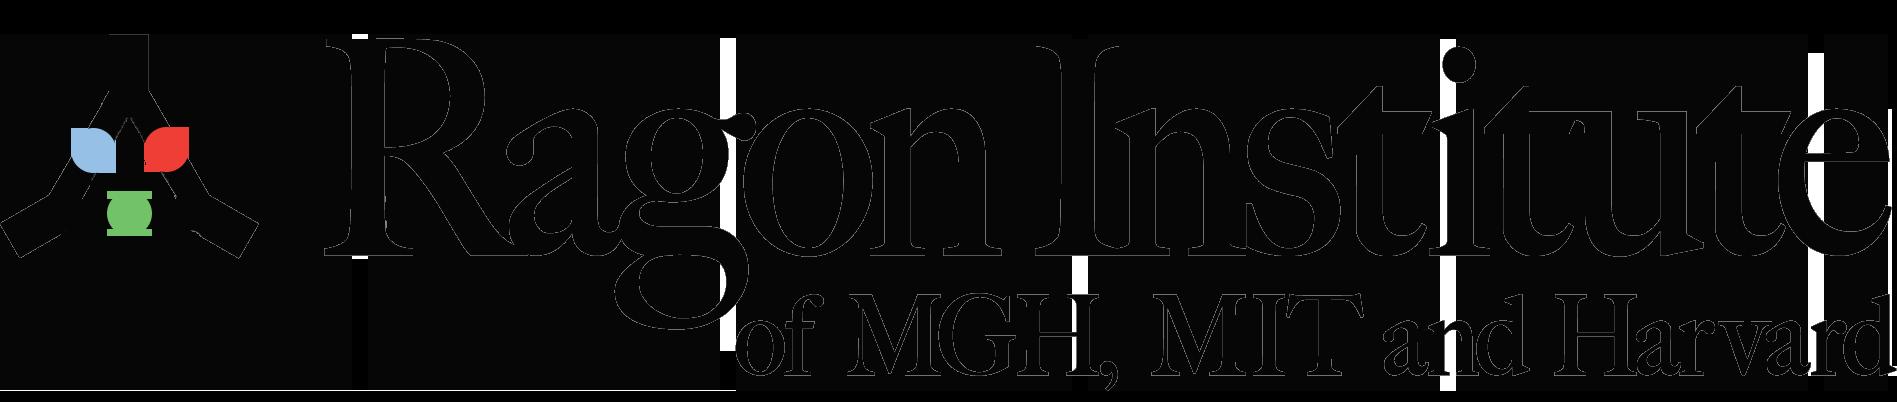 Ragon_Institute_Logo_black_trans